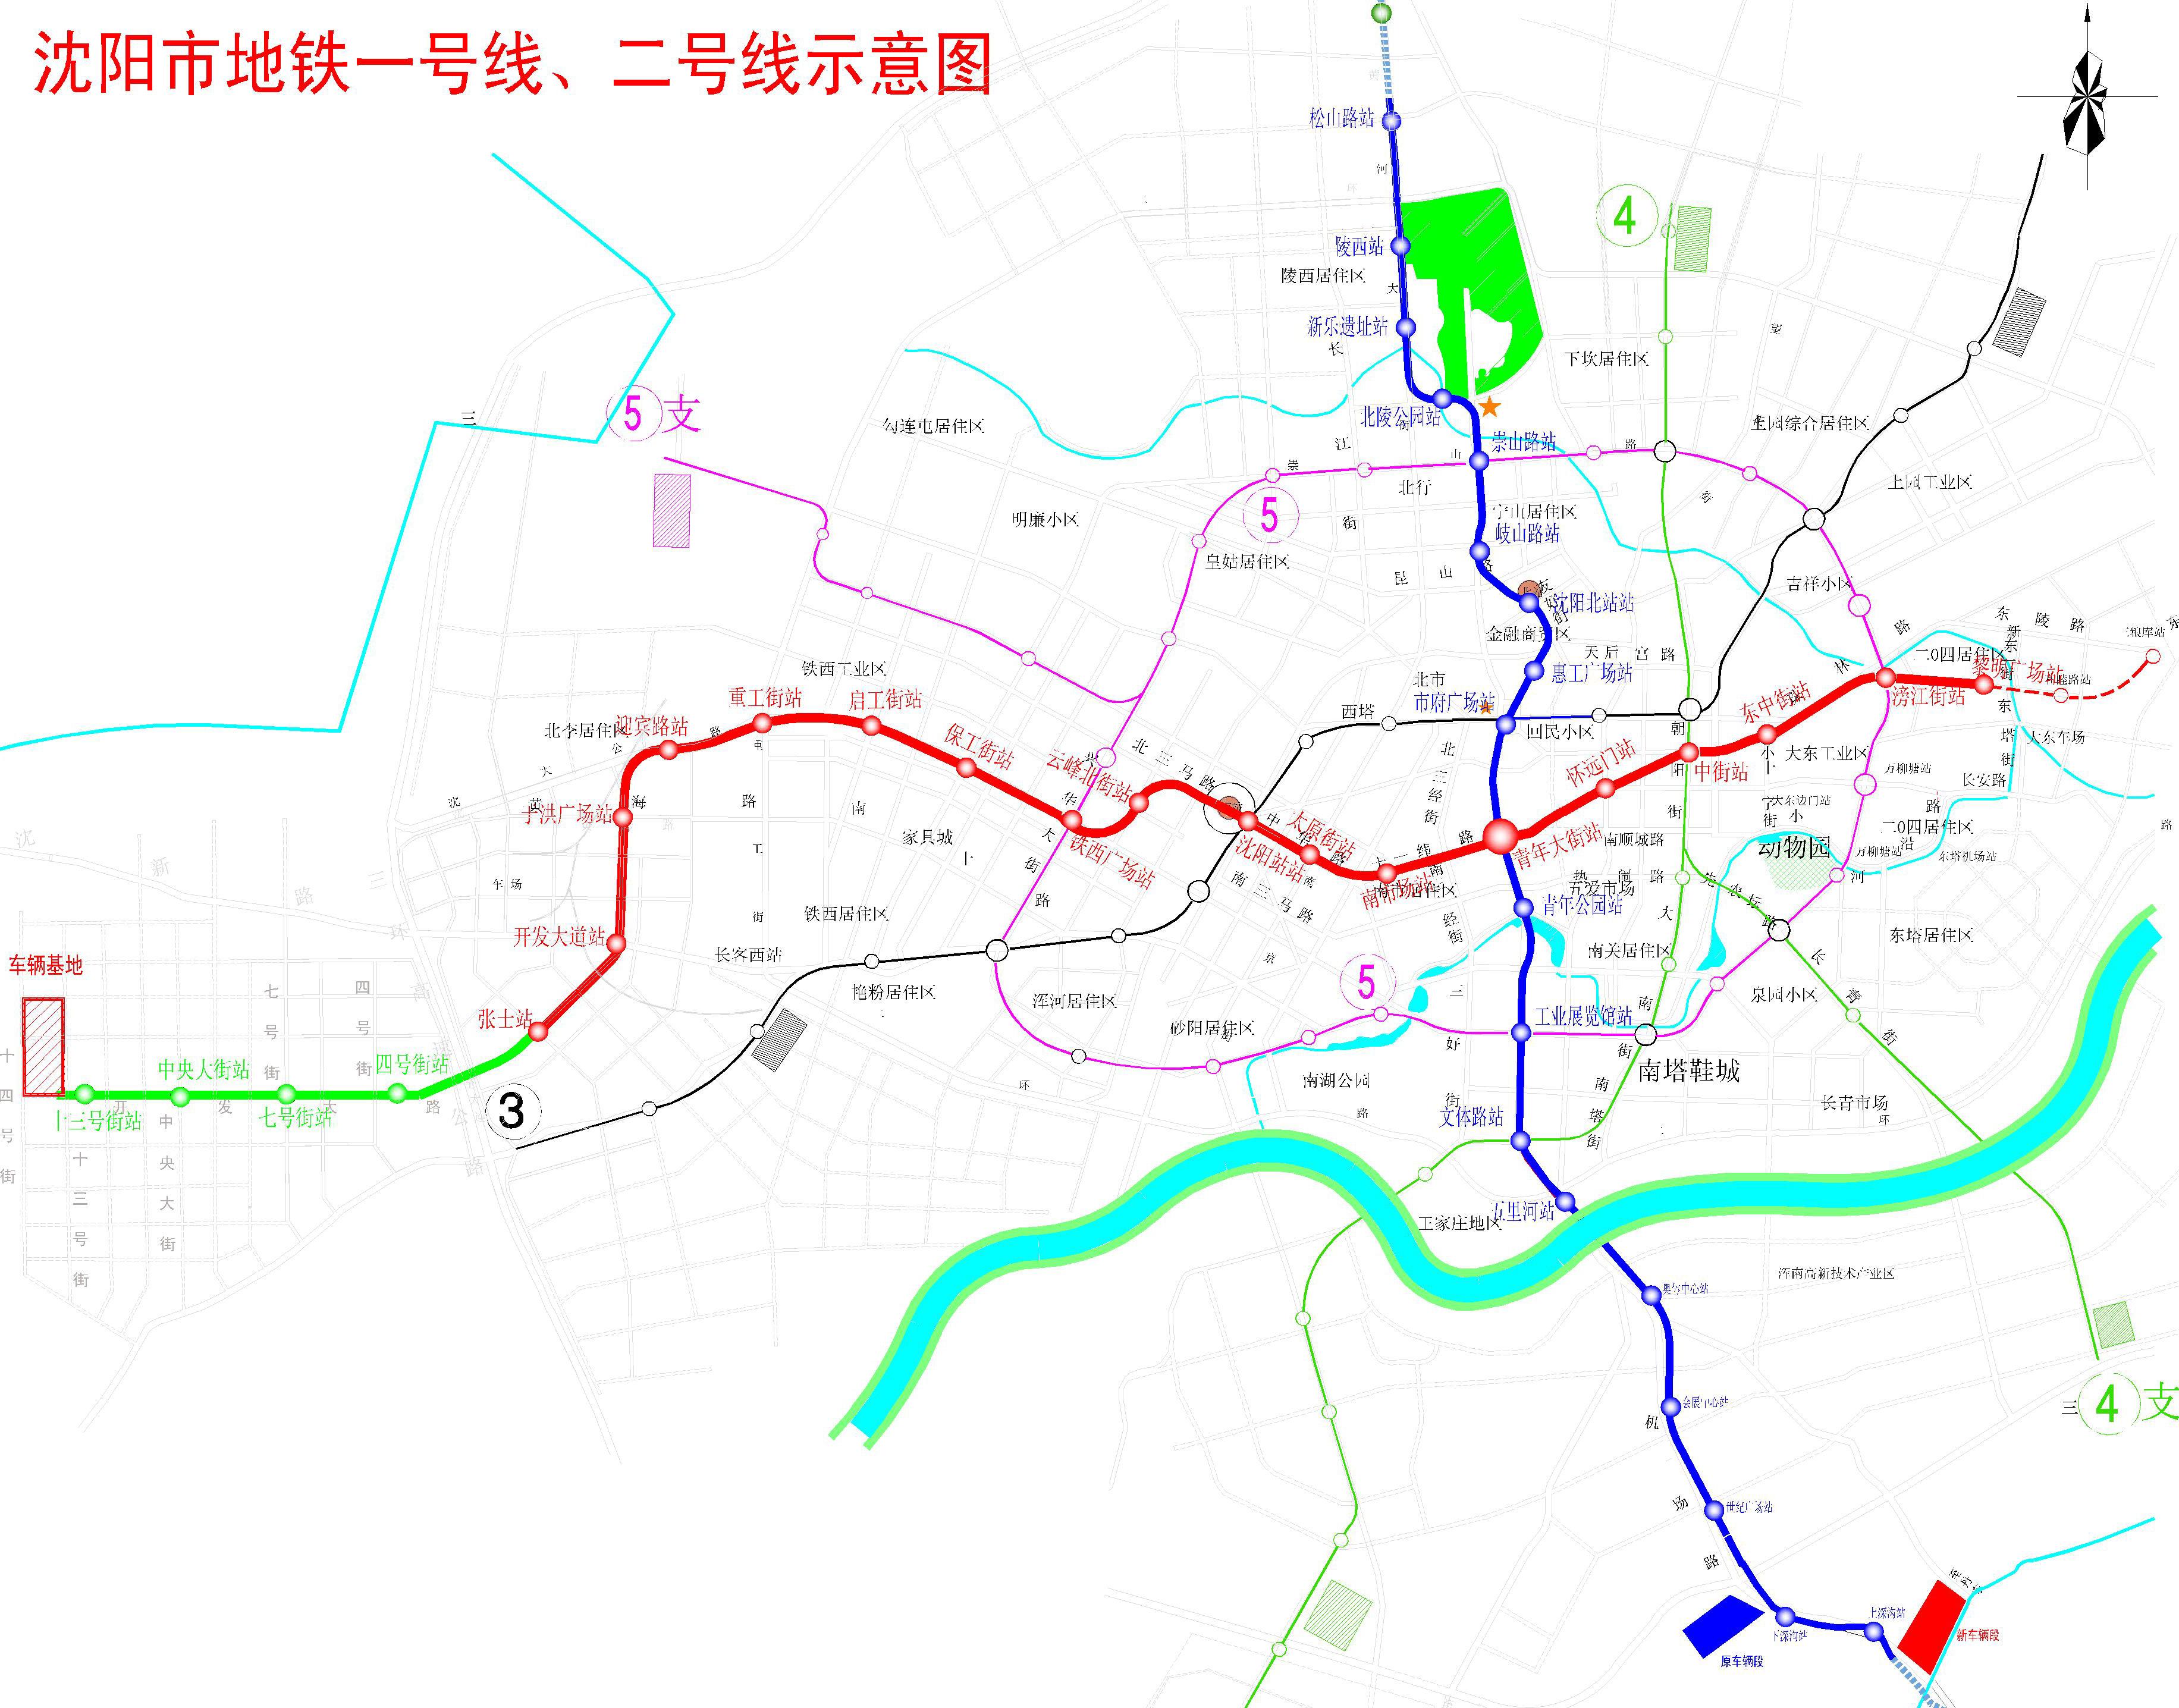 沈阳市城市快速轨道交通建设规划 2009 2020图片